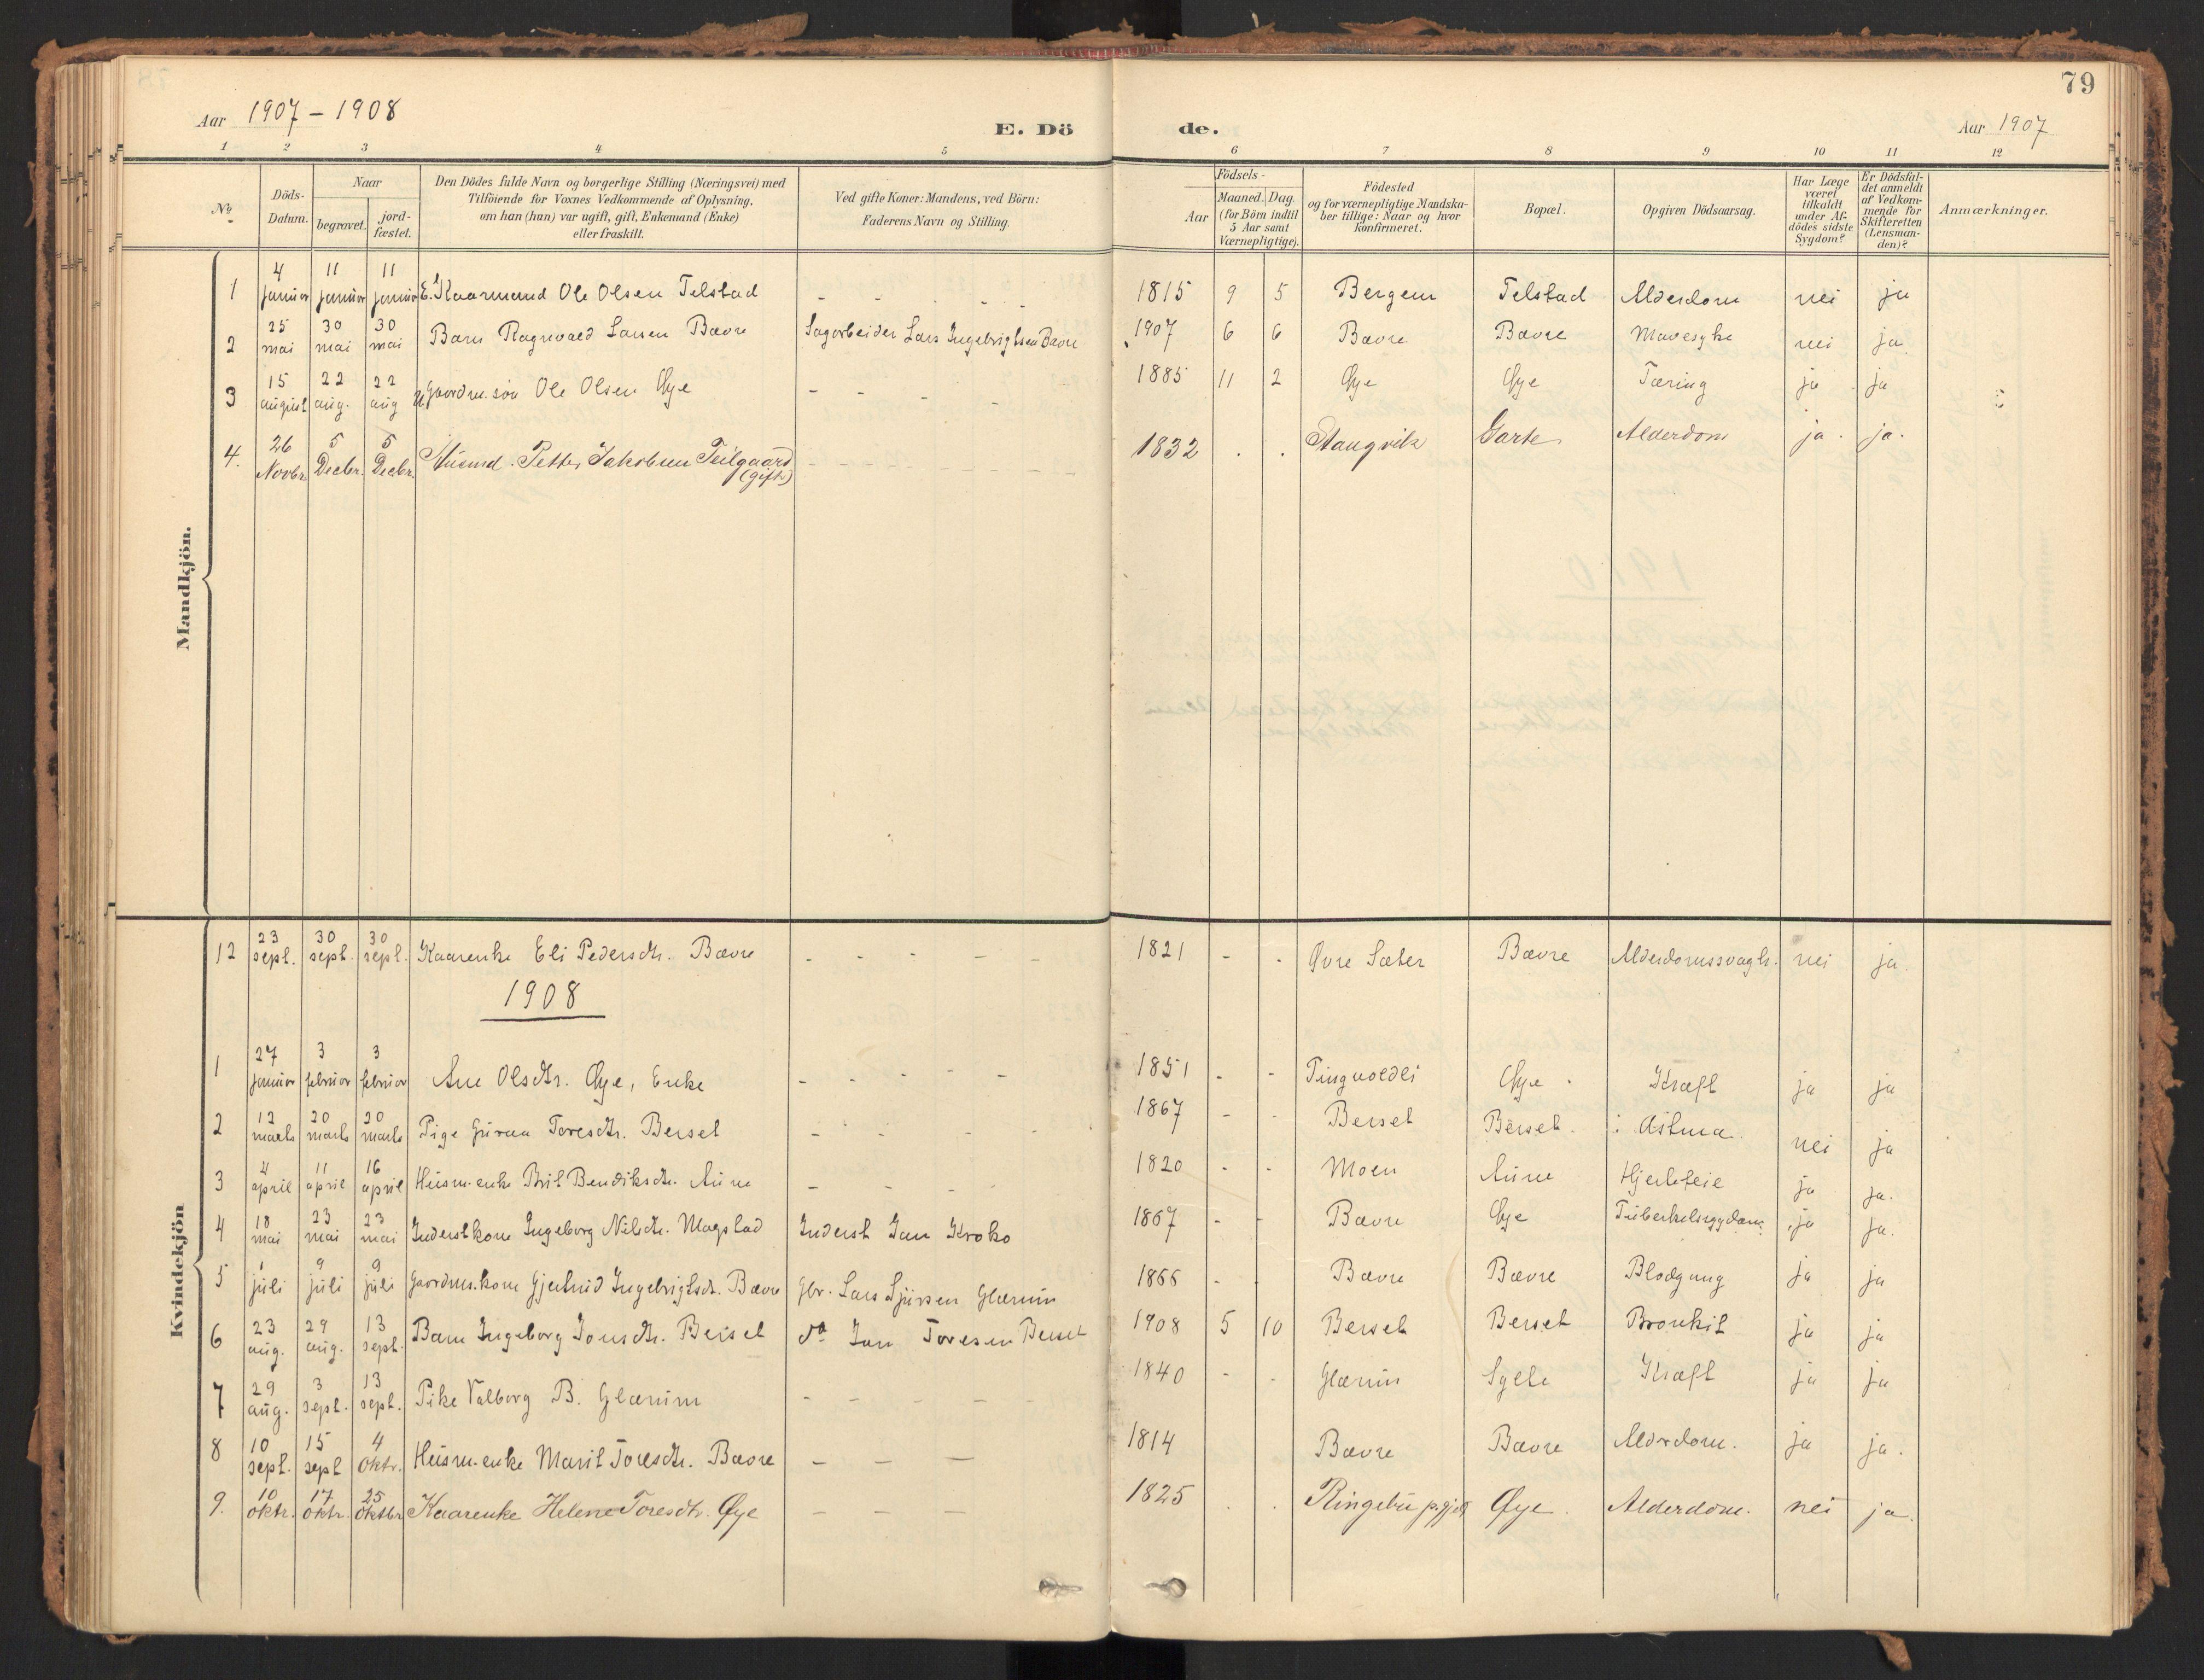 SAT, Ministerialprotokoller, klokkerbøker og fødselsregistre - Møre og Romsdal, 595/L1048: Ministerialbok nr. 595A10, 1900-1917, s. 79